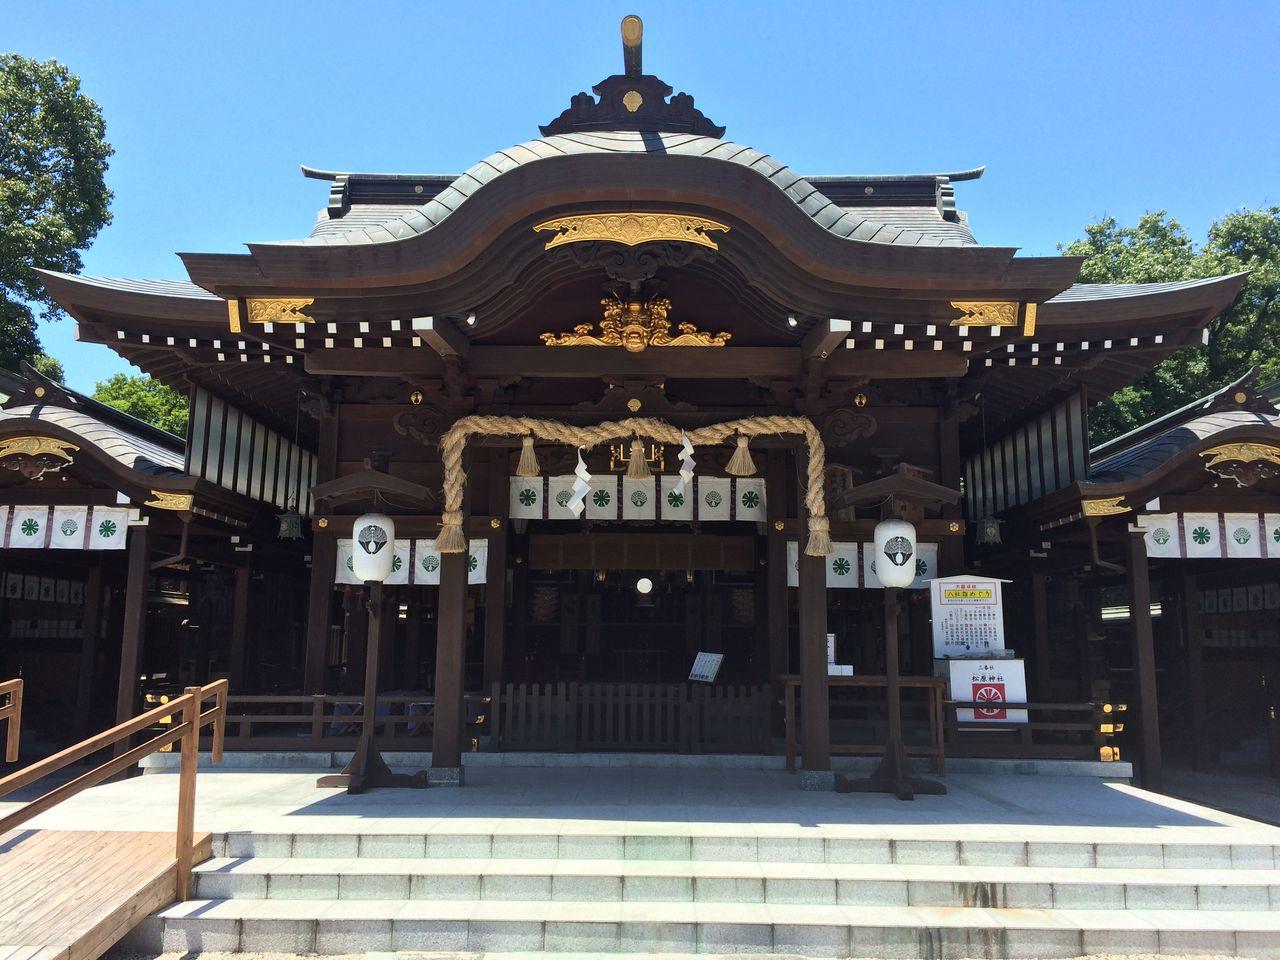 松原神社/佐賀県佐賀市 : まほろばを巡る